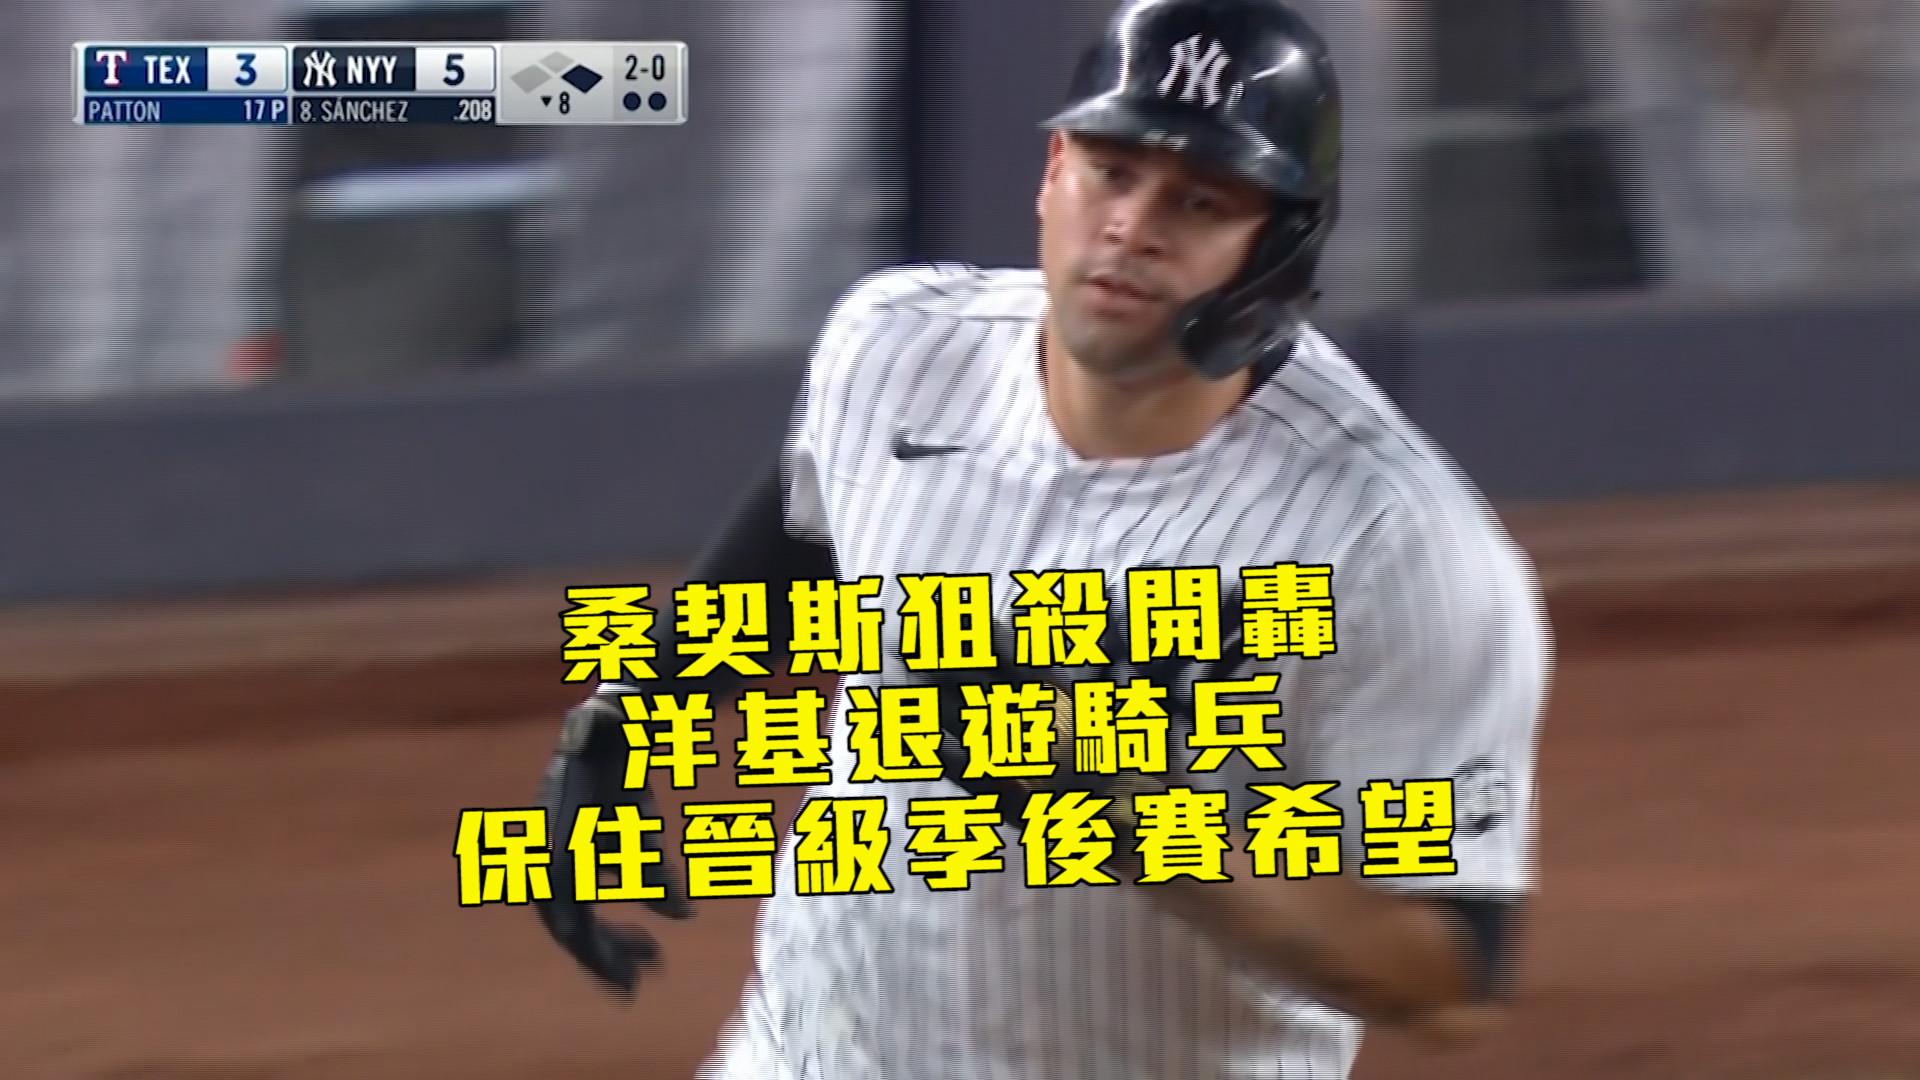 【MLB看愛爾達】桑契斯狙殺又炸裂 洋基保住晉級希望 9/23